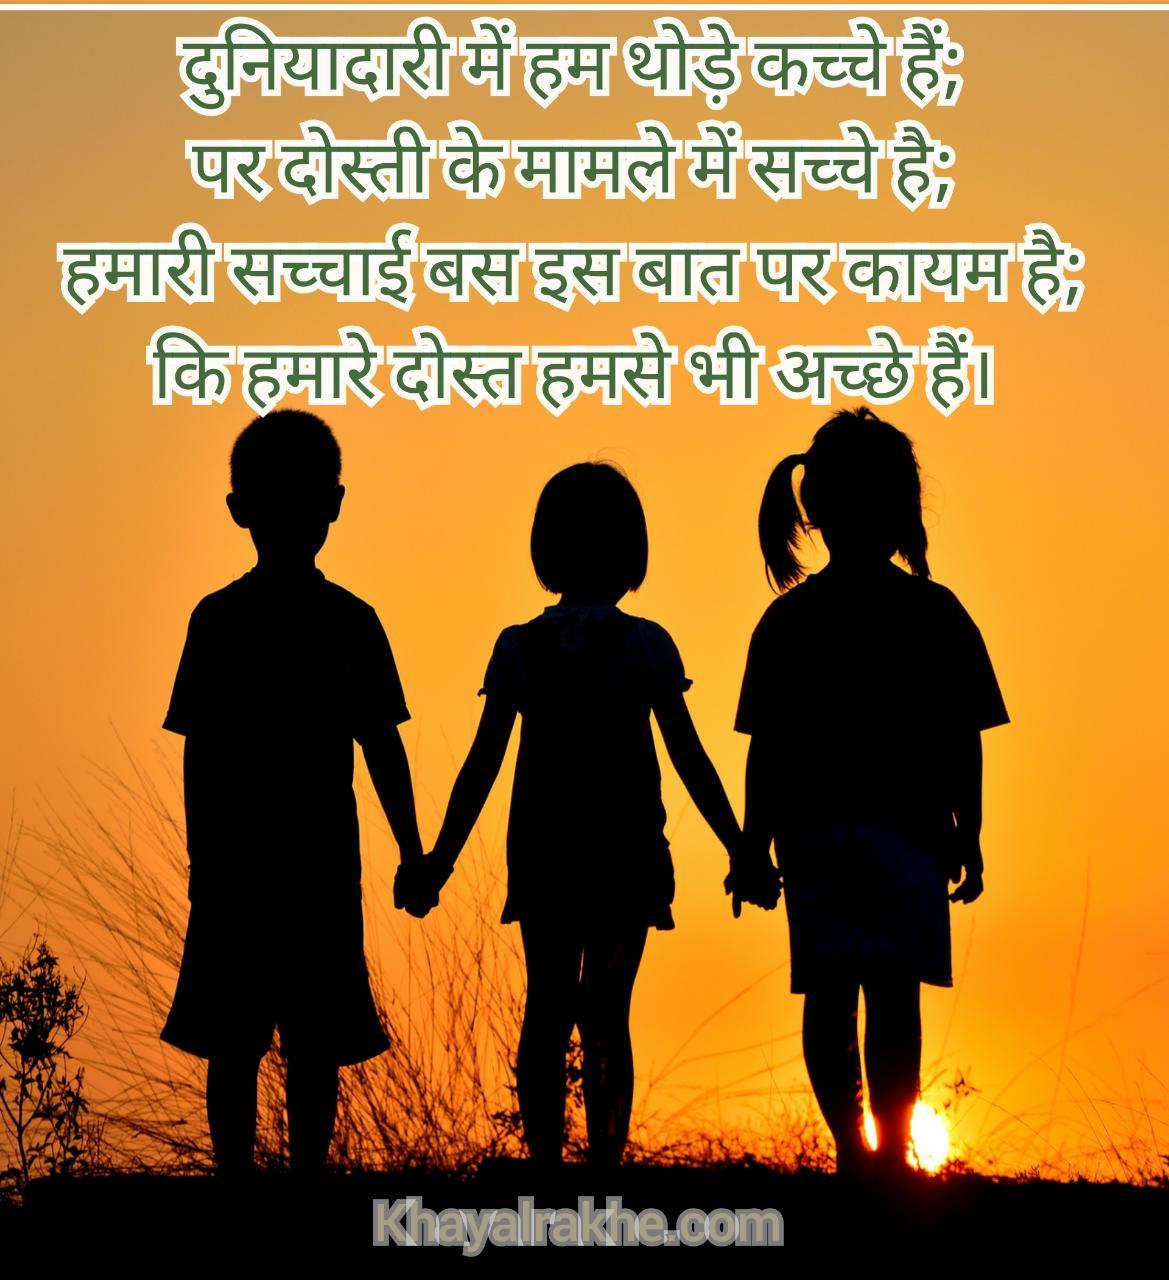 Pakki dosti Awesome Pic Status in Hindi